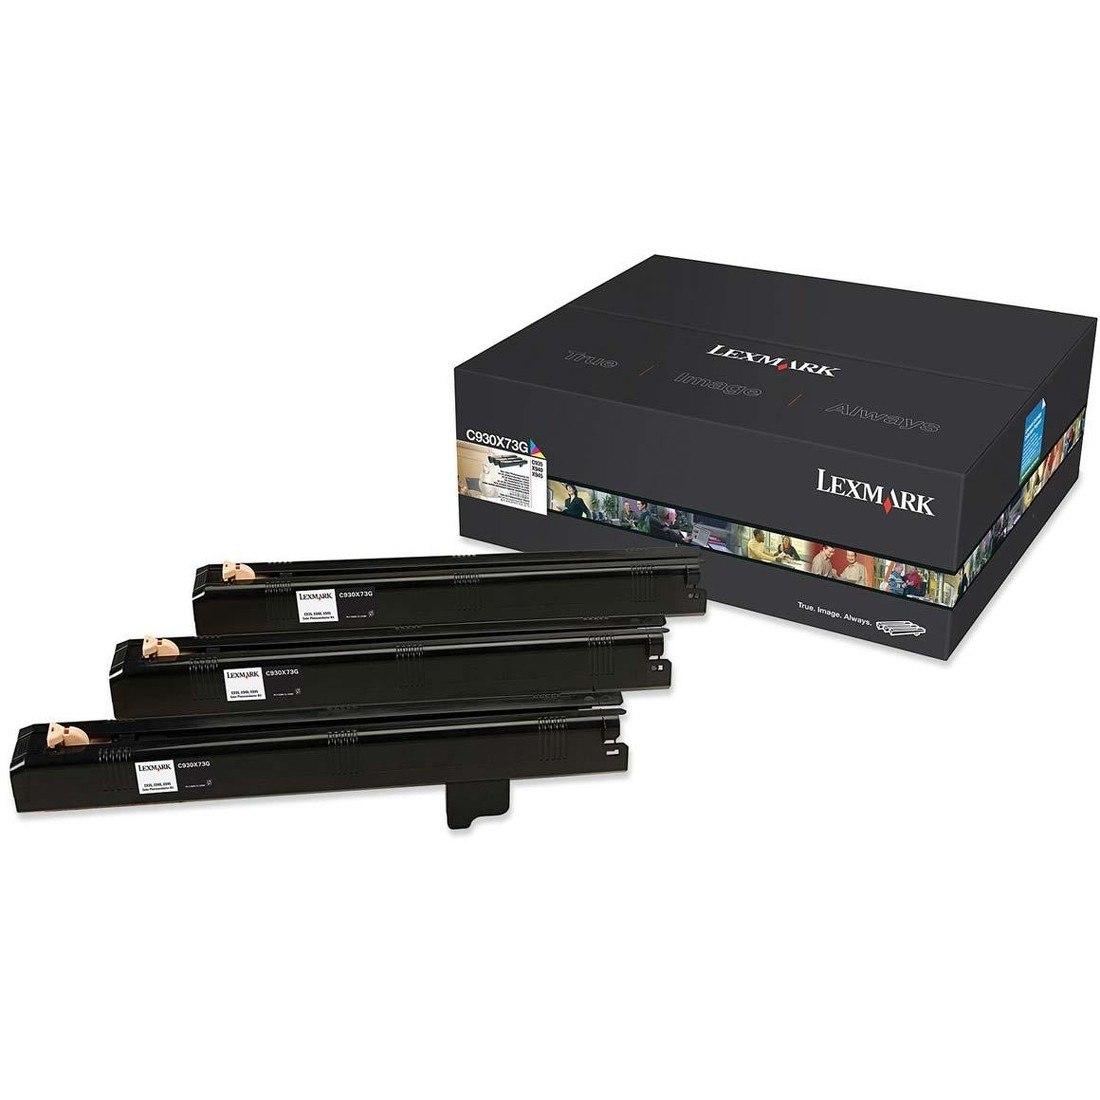 Lexmark C930X73G Laser Imaging Drum - Cyan, Magenta, Yellow